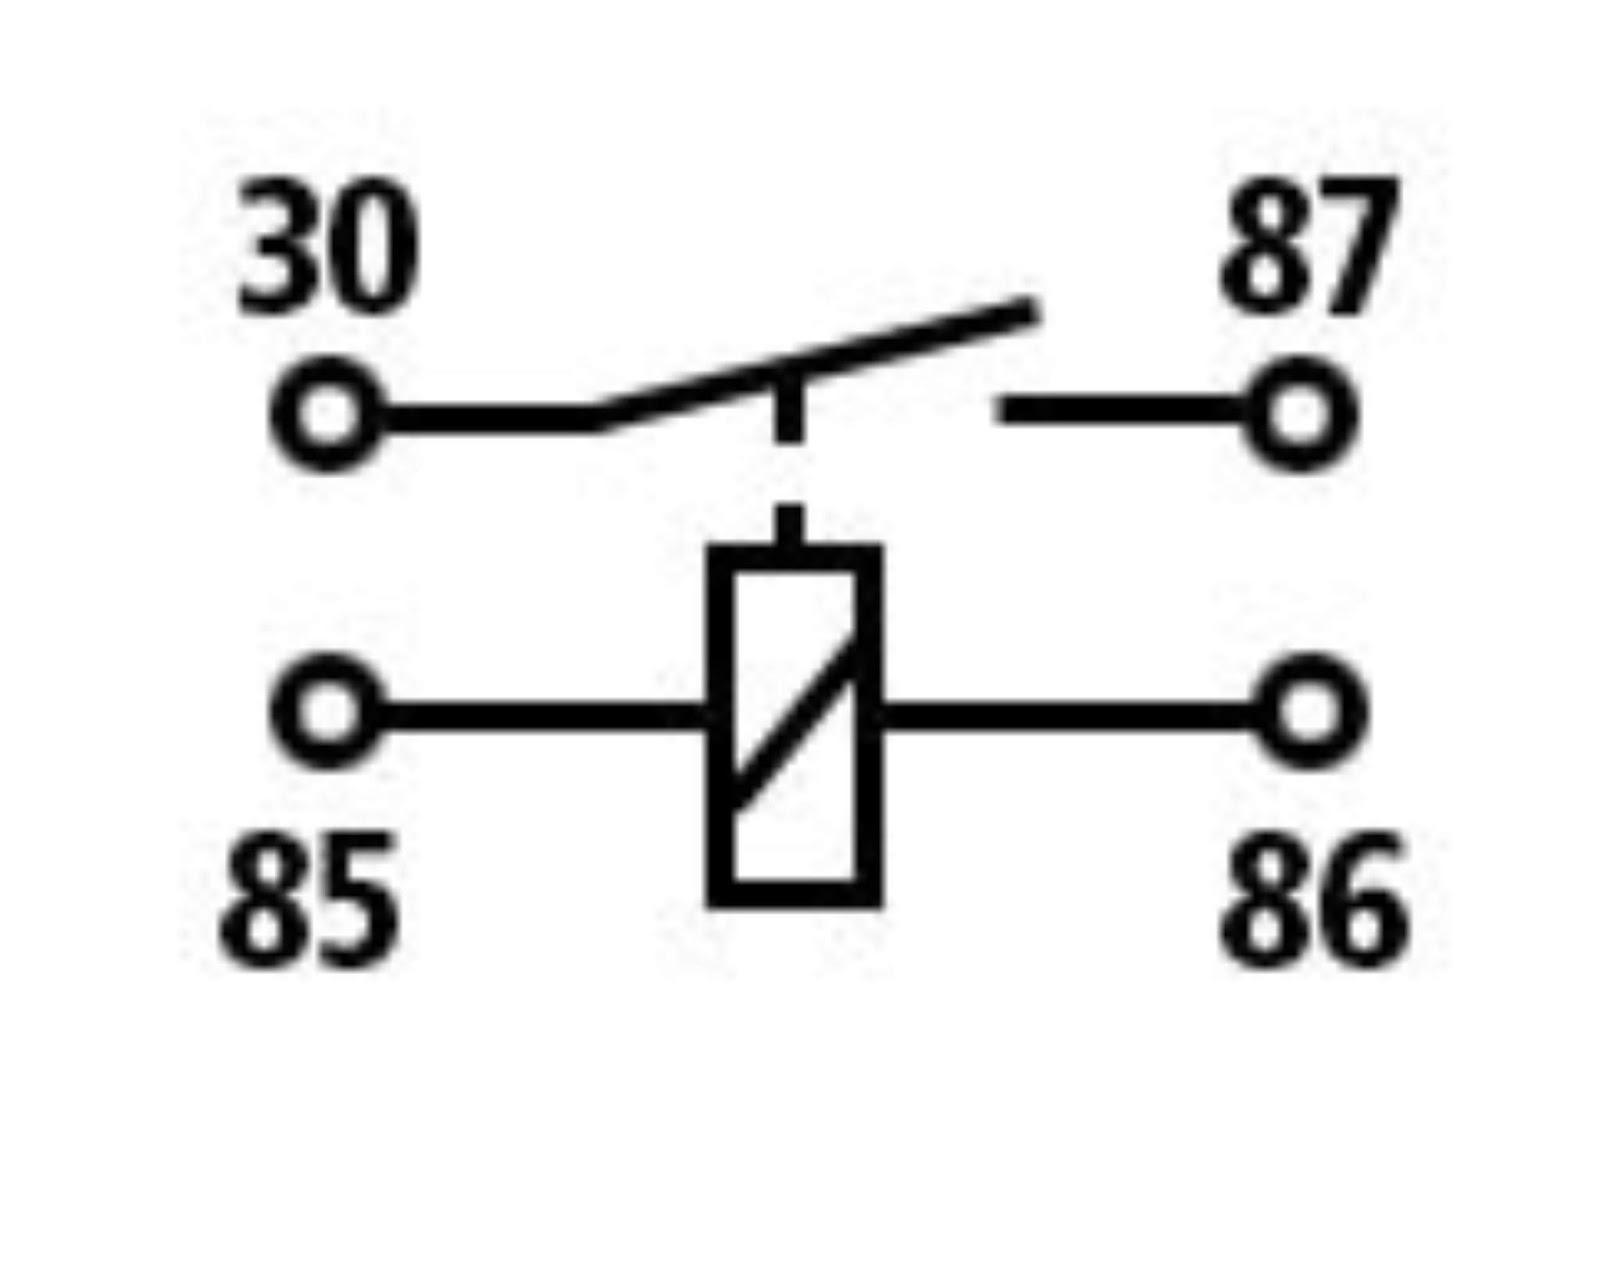 cara mudah merakit relay 4 kaki jenis normaly open